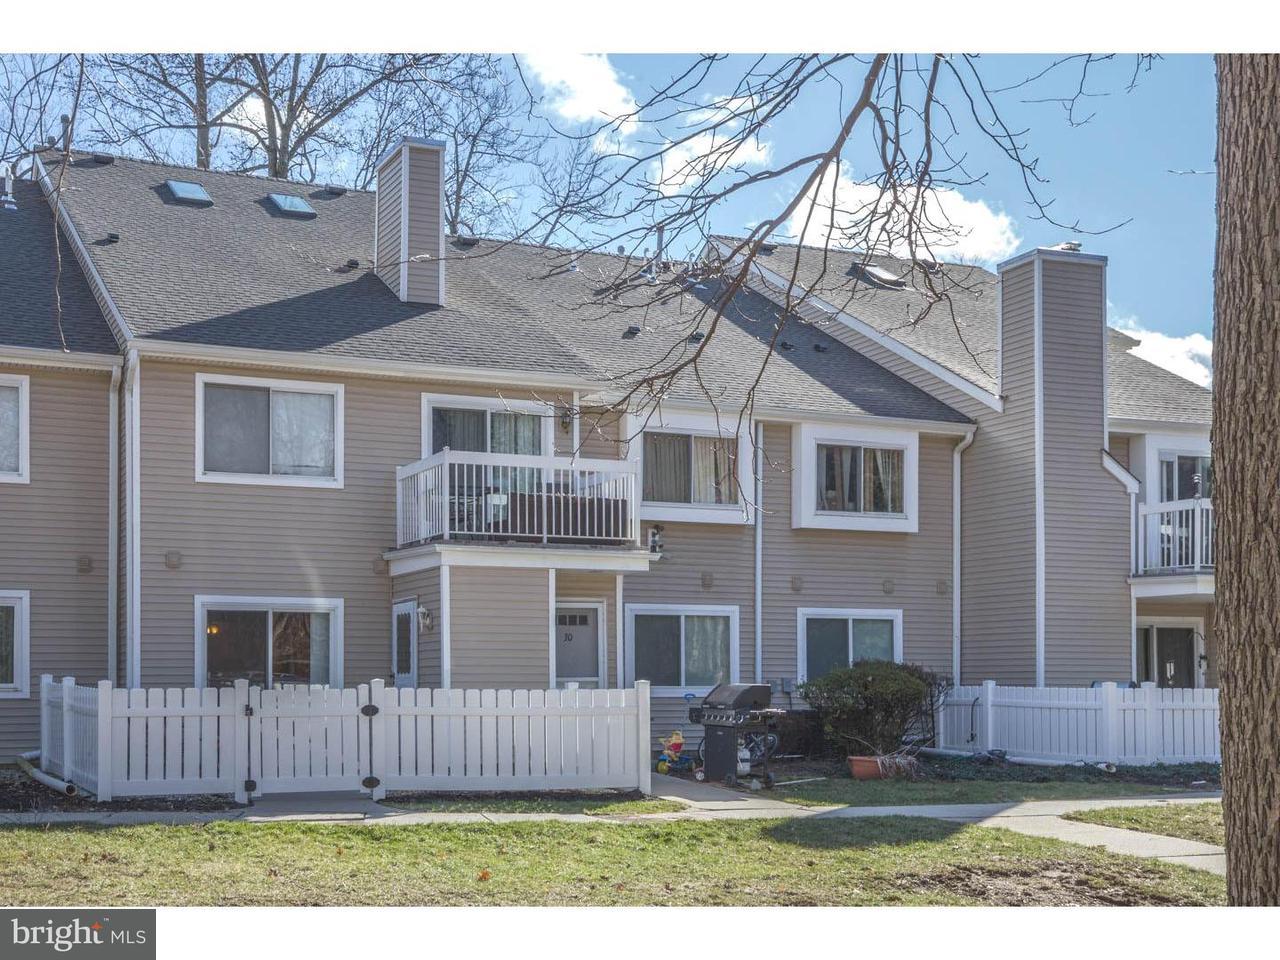 独户住宅 为 出租 在 29 WYNWOOD Drive South Brunswick Township, 新泽西州 08852 美国在/周边: South Brunswick Township